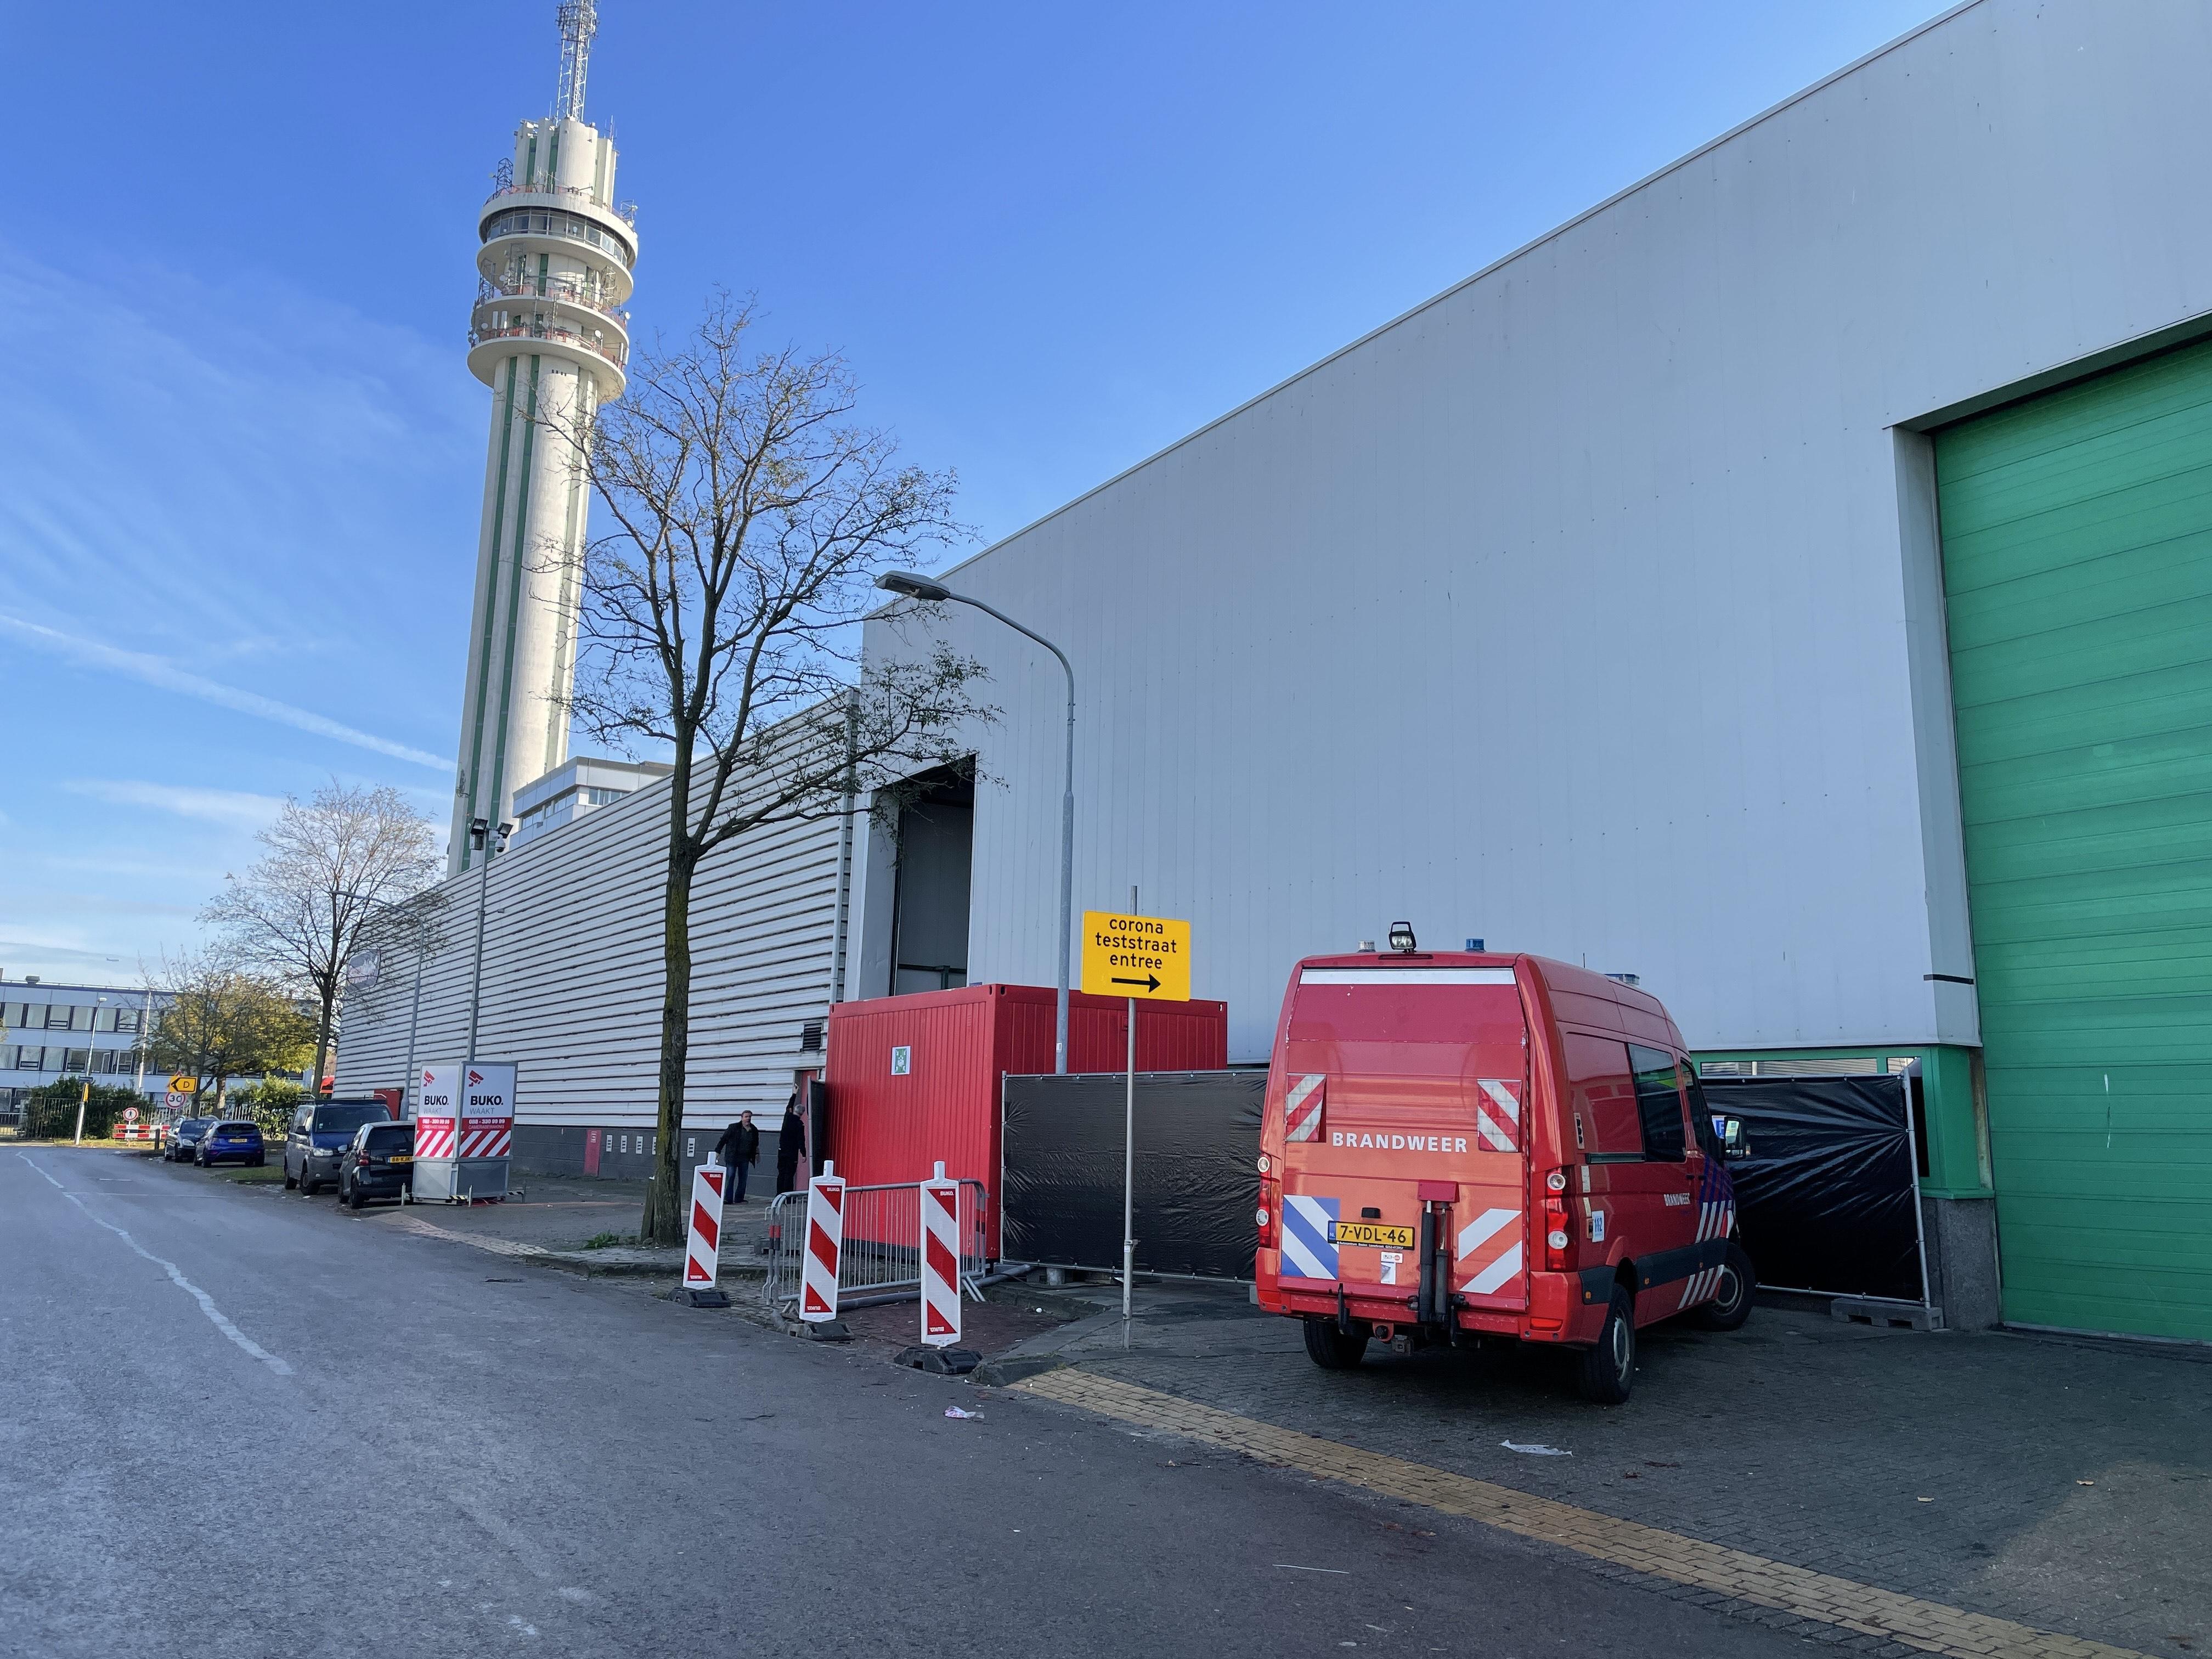 Coronateststraat in Haarlem dicht na afgaan koolmonoxidemelder